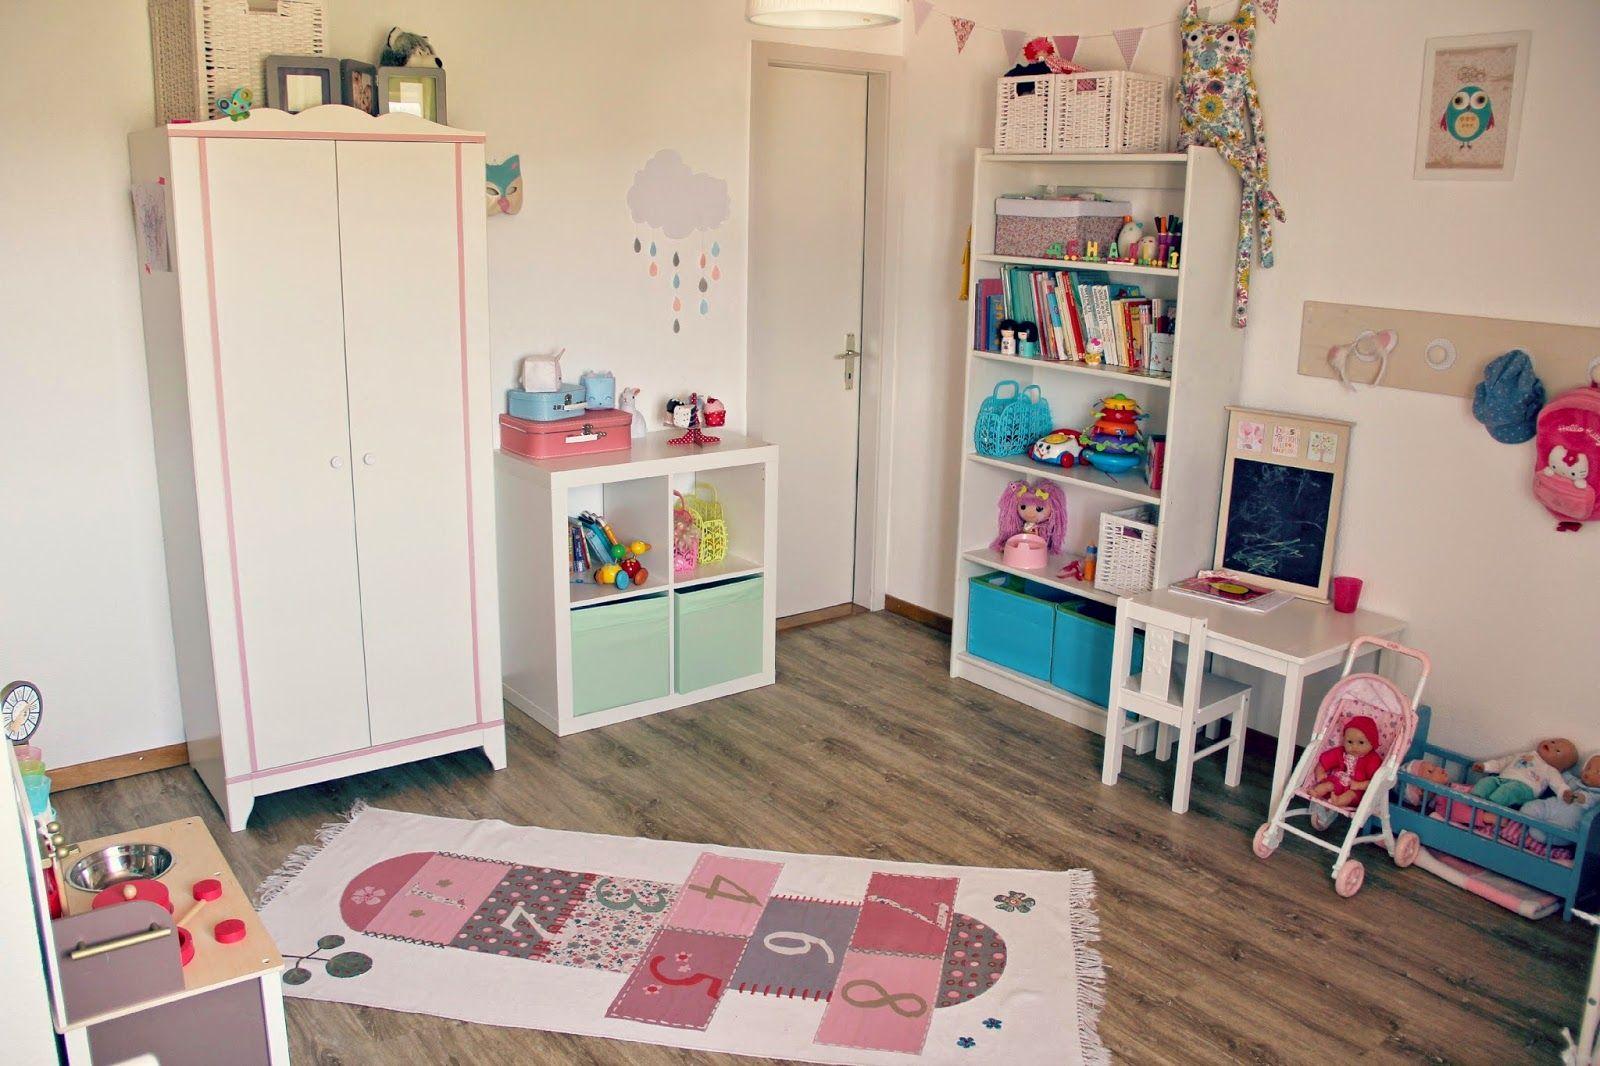 décoration chambre fille 5 ans - Recherche Google | Chambre enfant ...